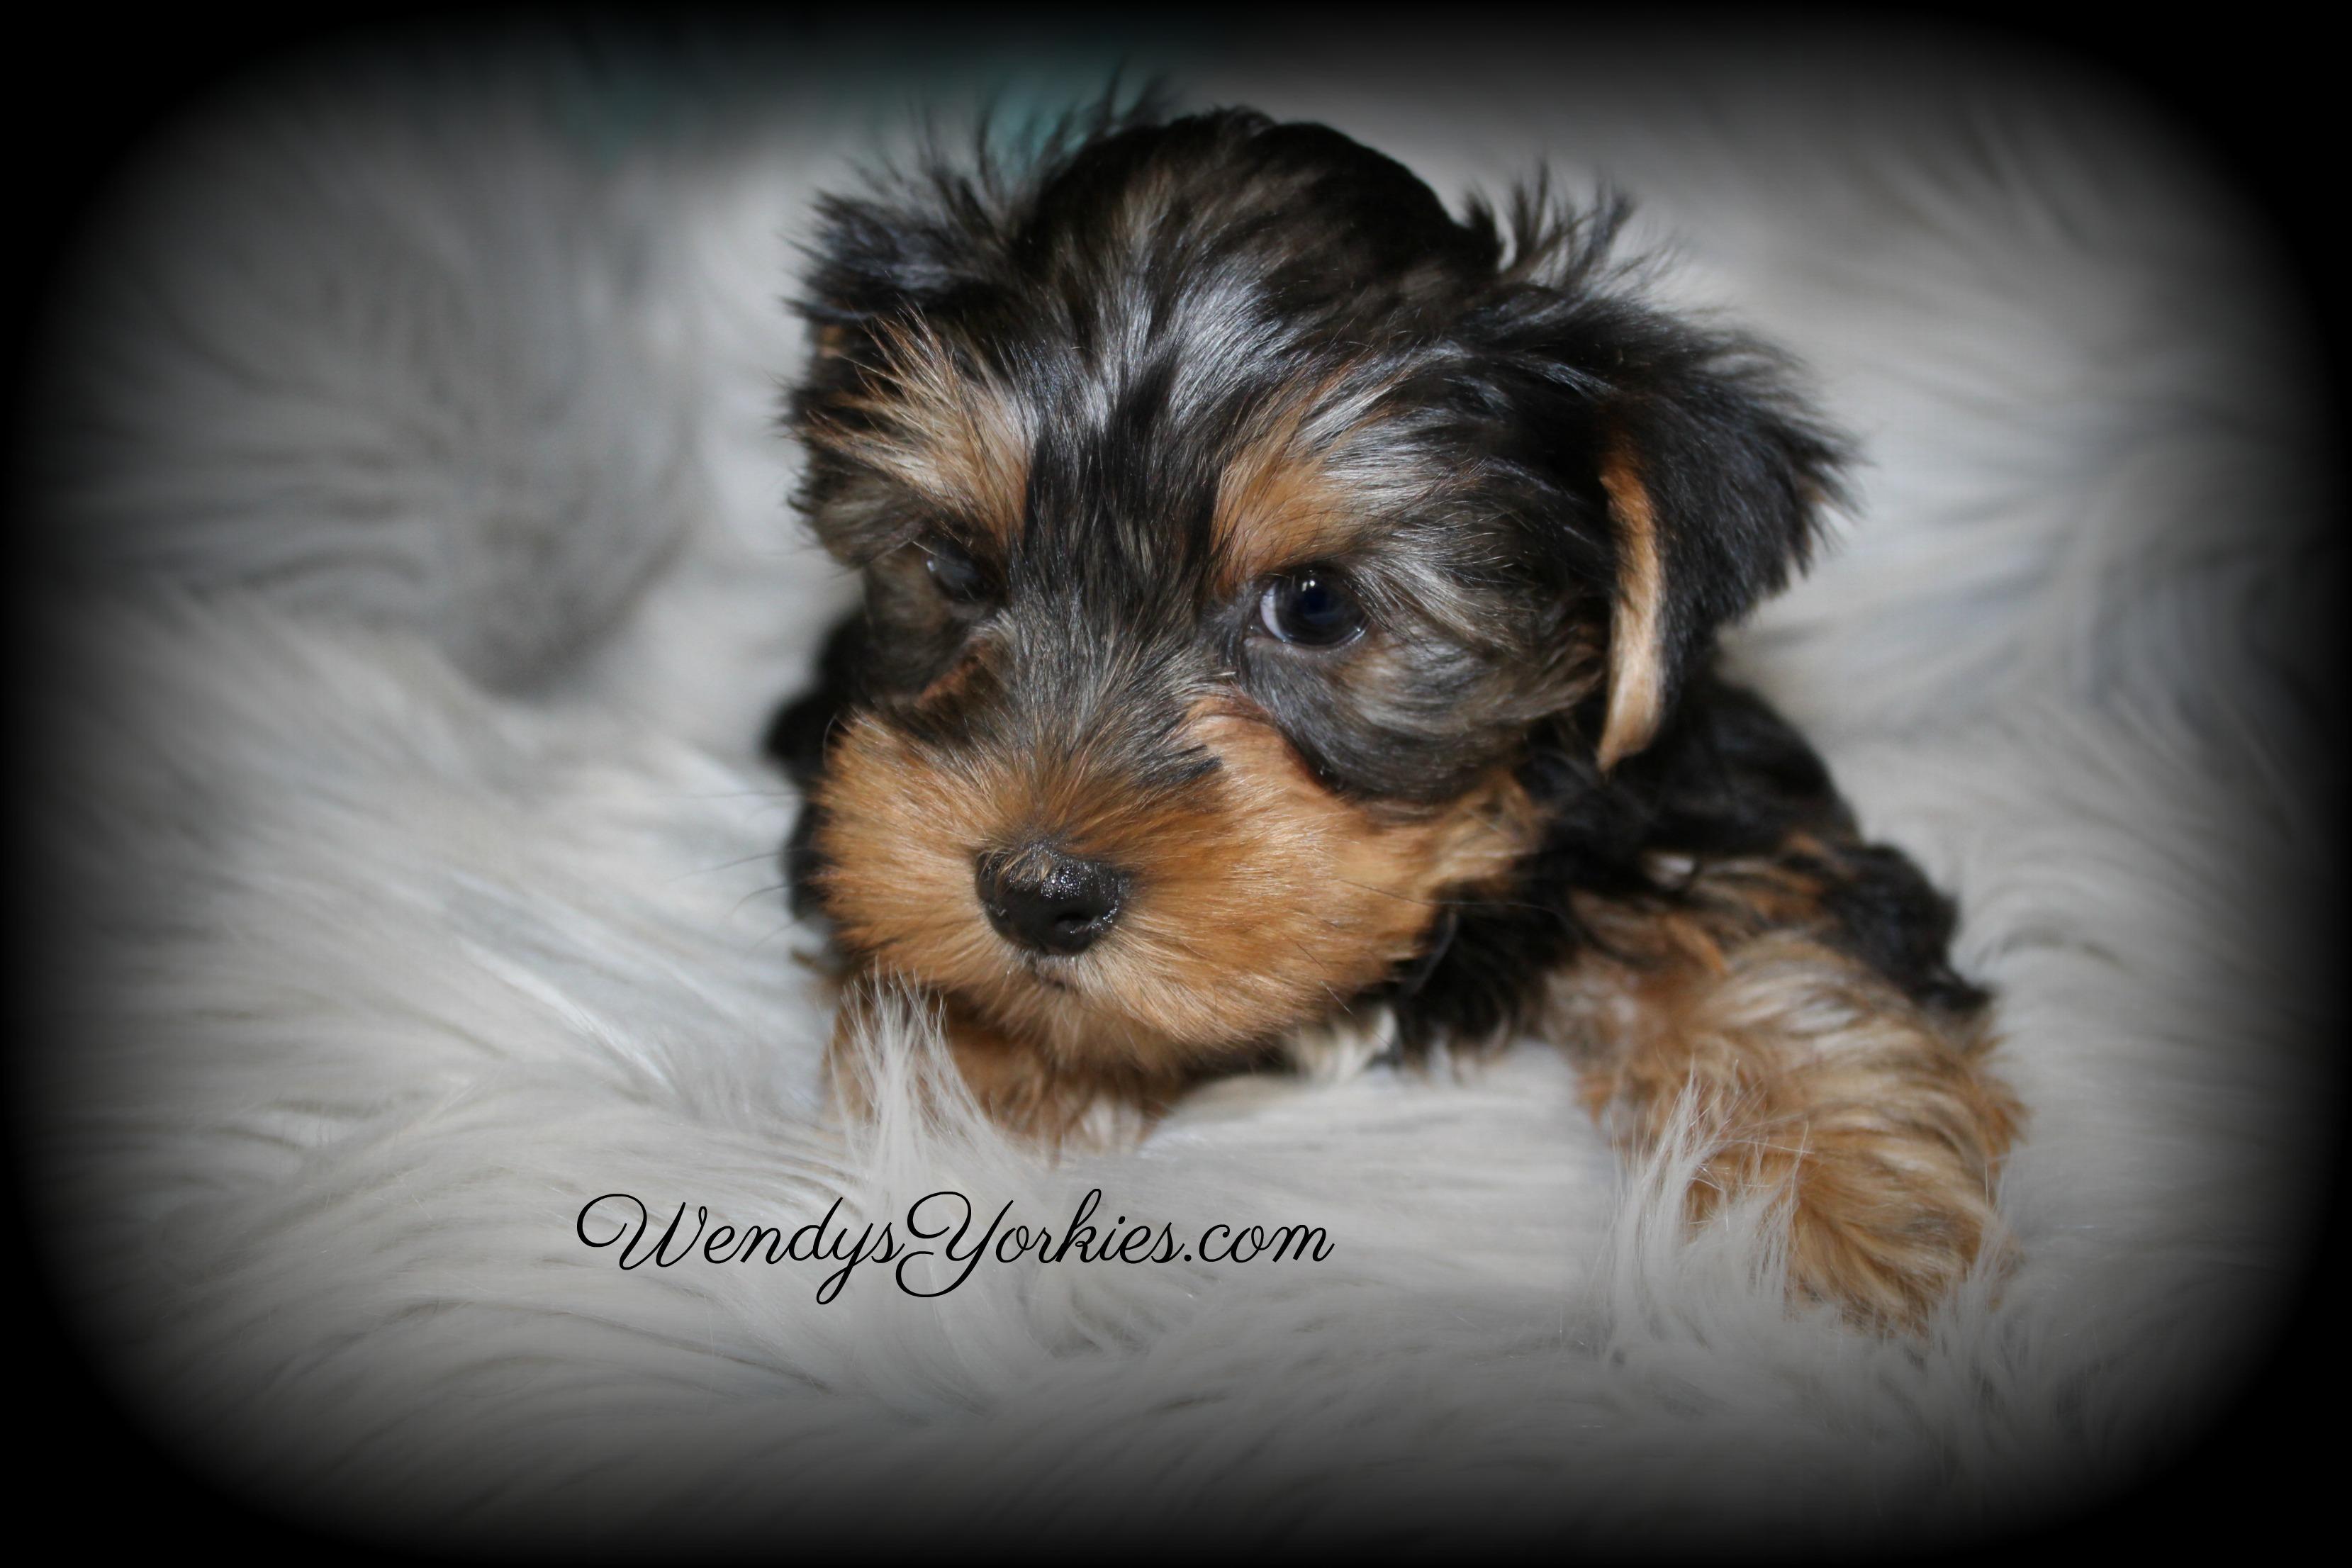 Yorkie puppies for sale,WendysYorkies.com